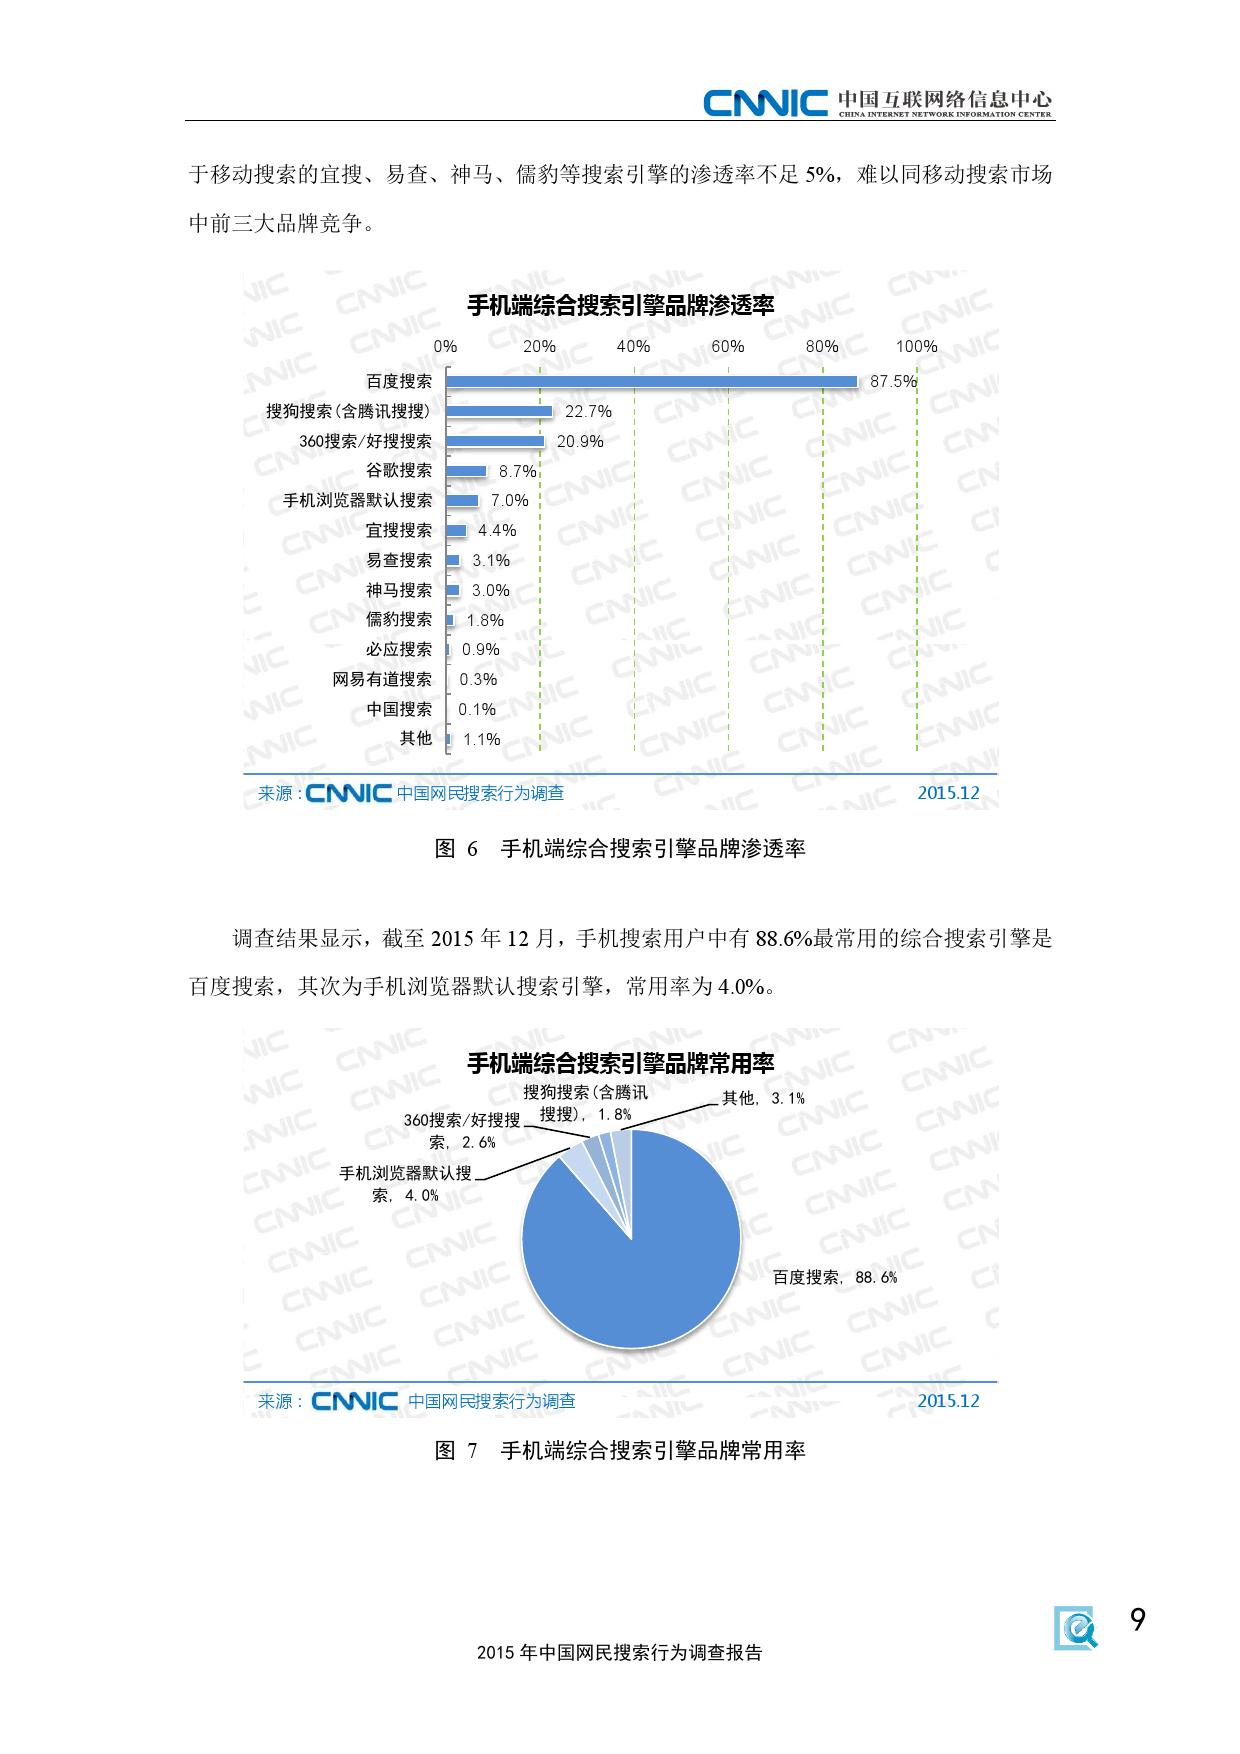 CNNIC:2015年中国网民搜索行为调查_000017